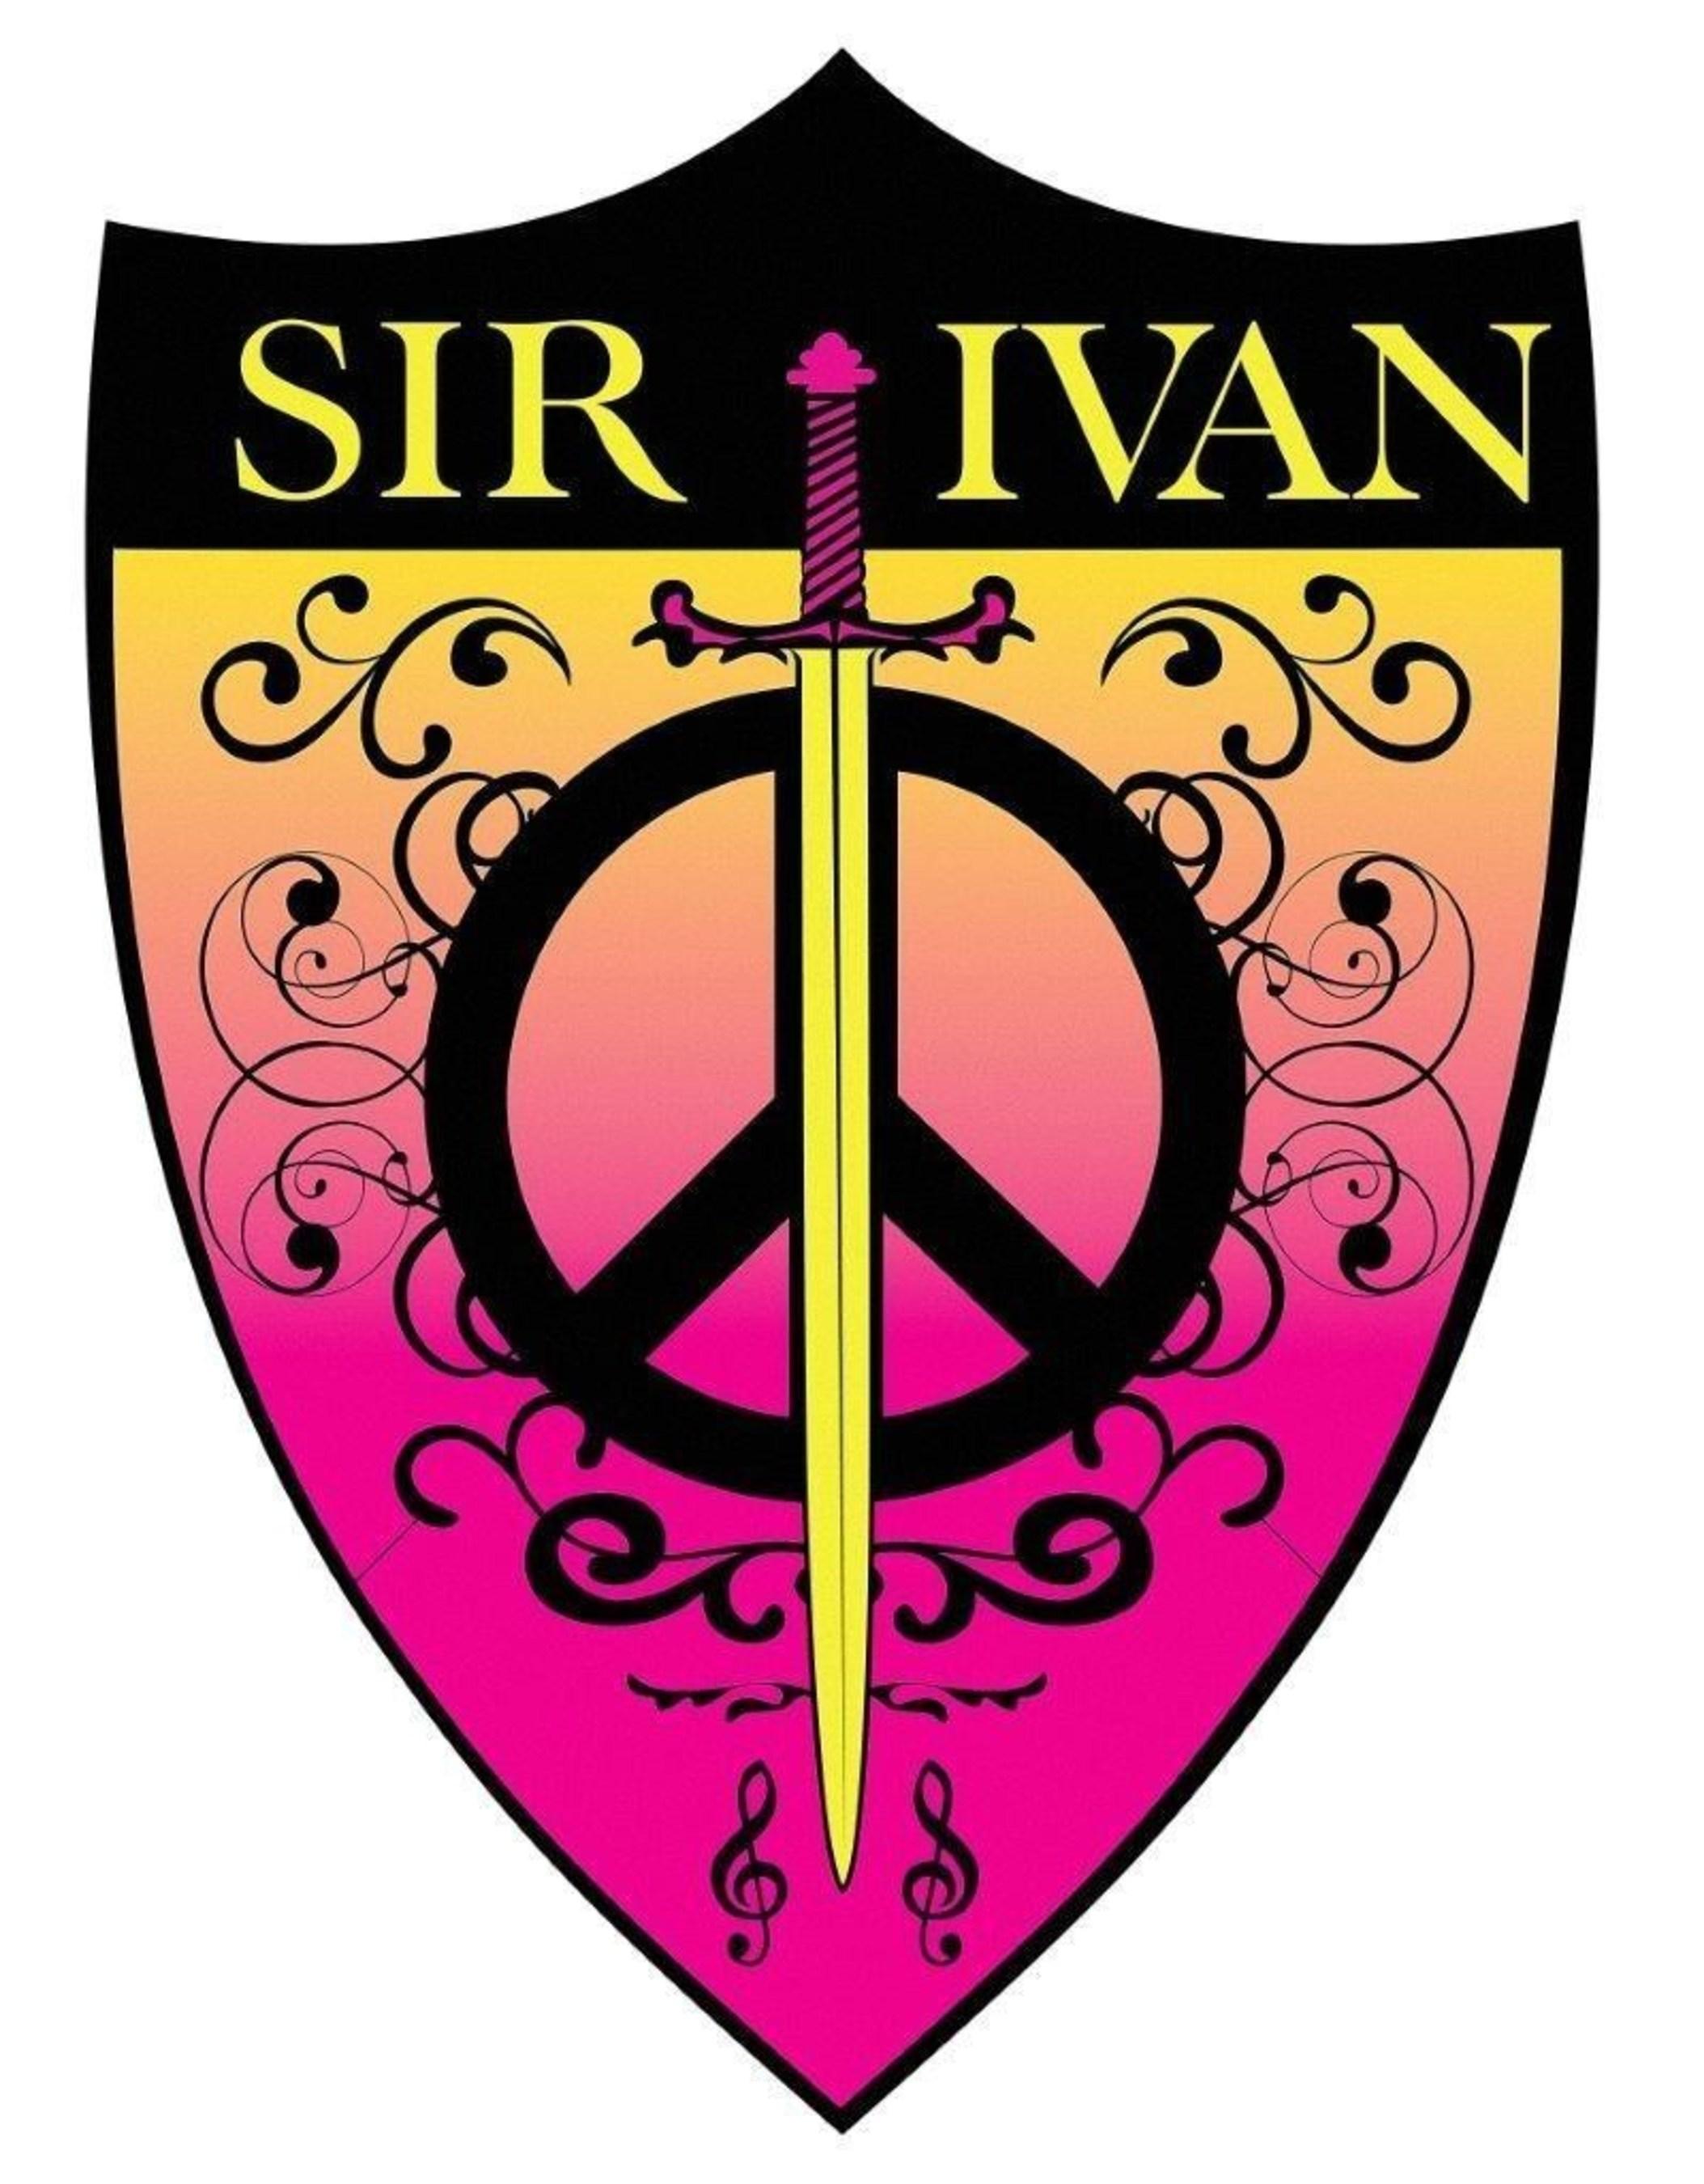 Исполнитель SIR IVAN запускает общественно-просветительскую кампанию по вопросам транссексуалов